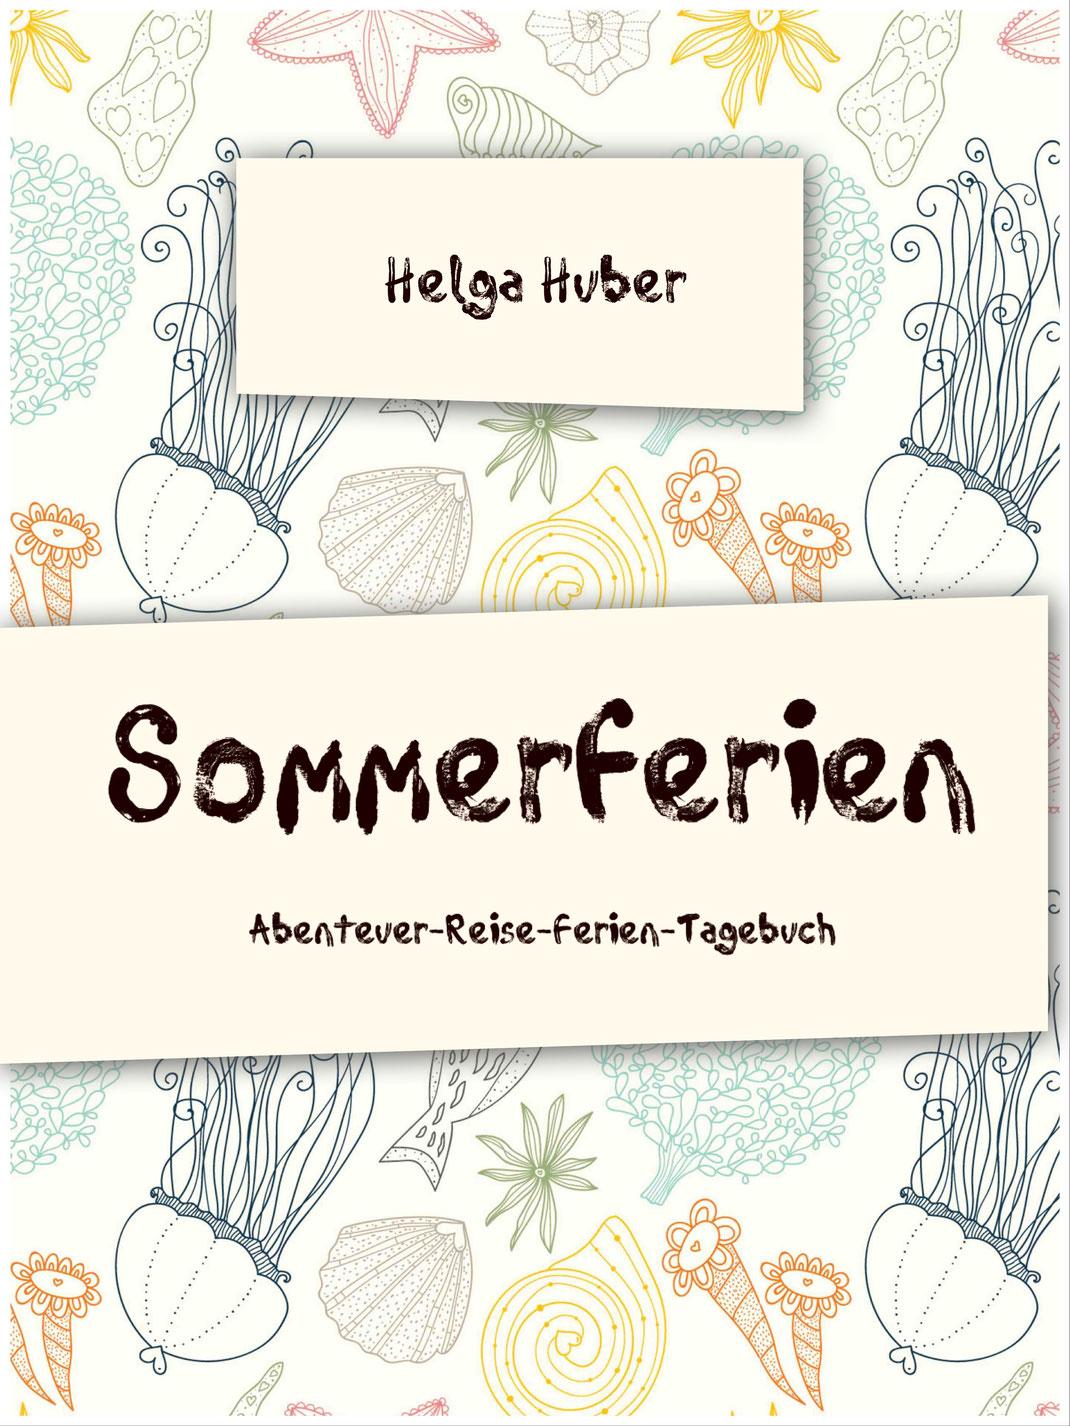 Sommerferien. Abenteuer-Reise-Ferien-Tagebuch